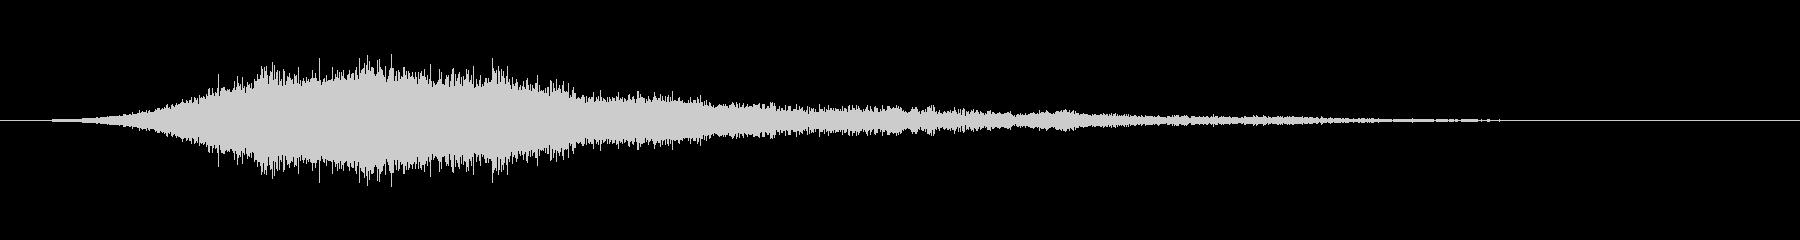 トリプルチャイムでシューシュードロ...の未再生の波形